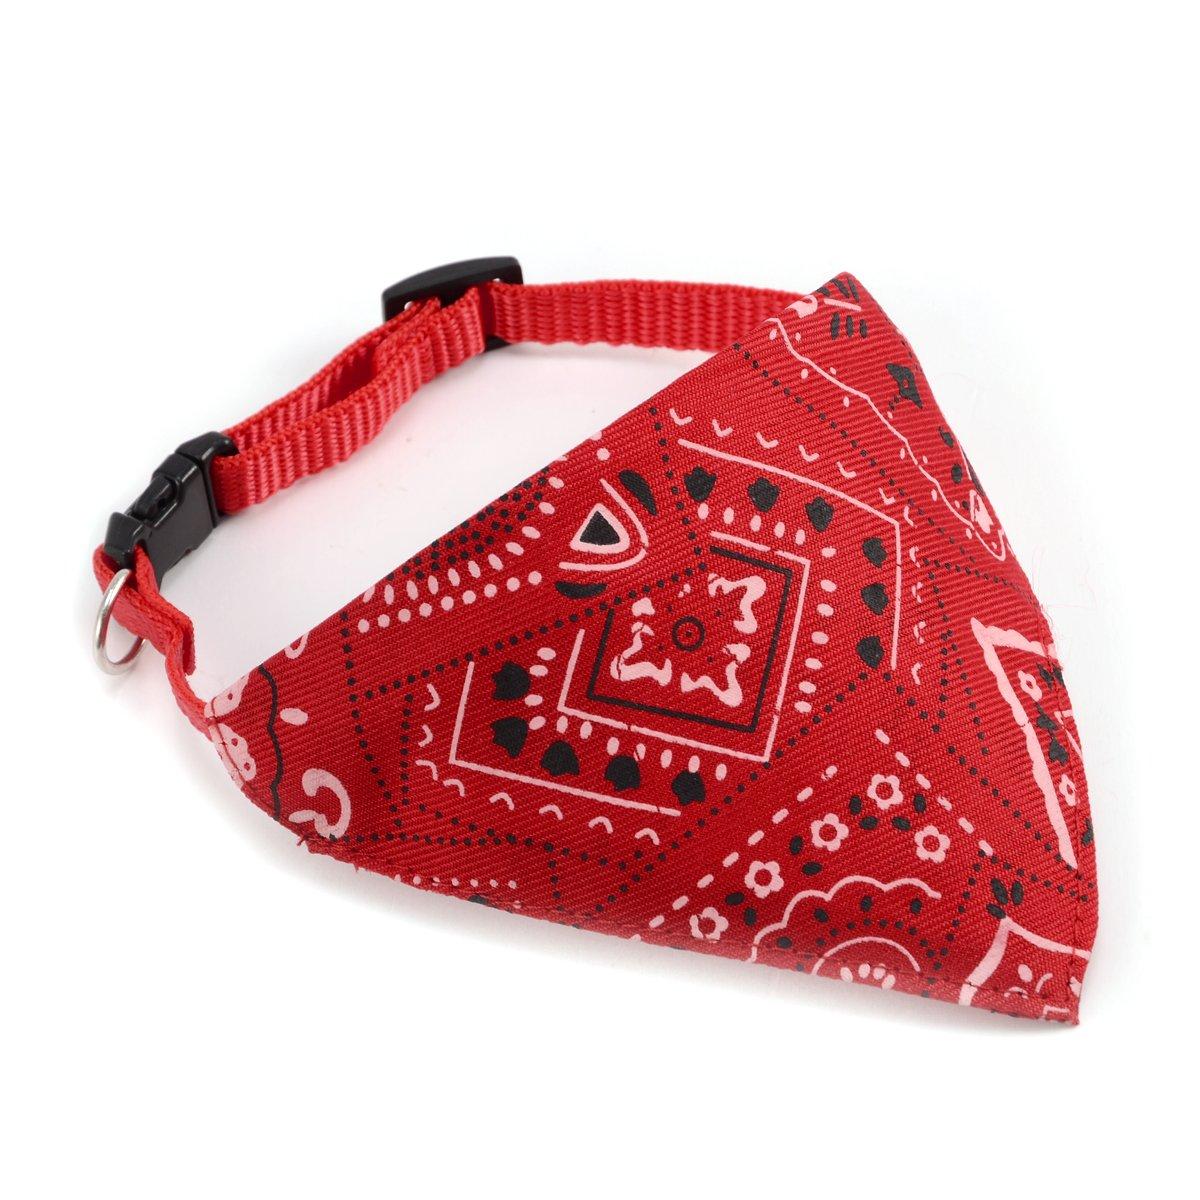 Echarpe Foulard Col Bandana Triangle pour Chien Chat animaux Collier reglable 27cm rouge Surepromise